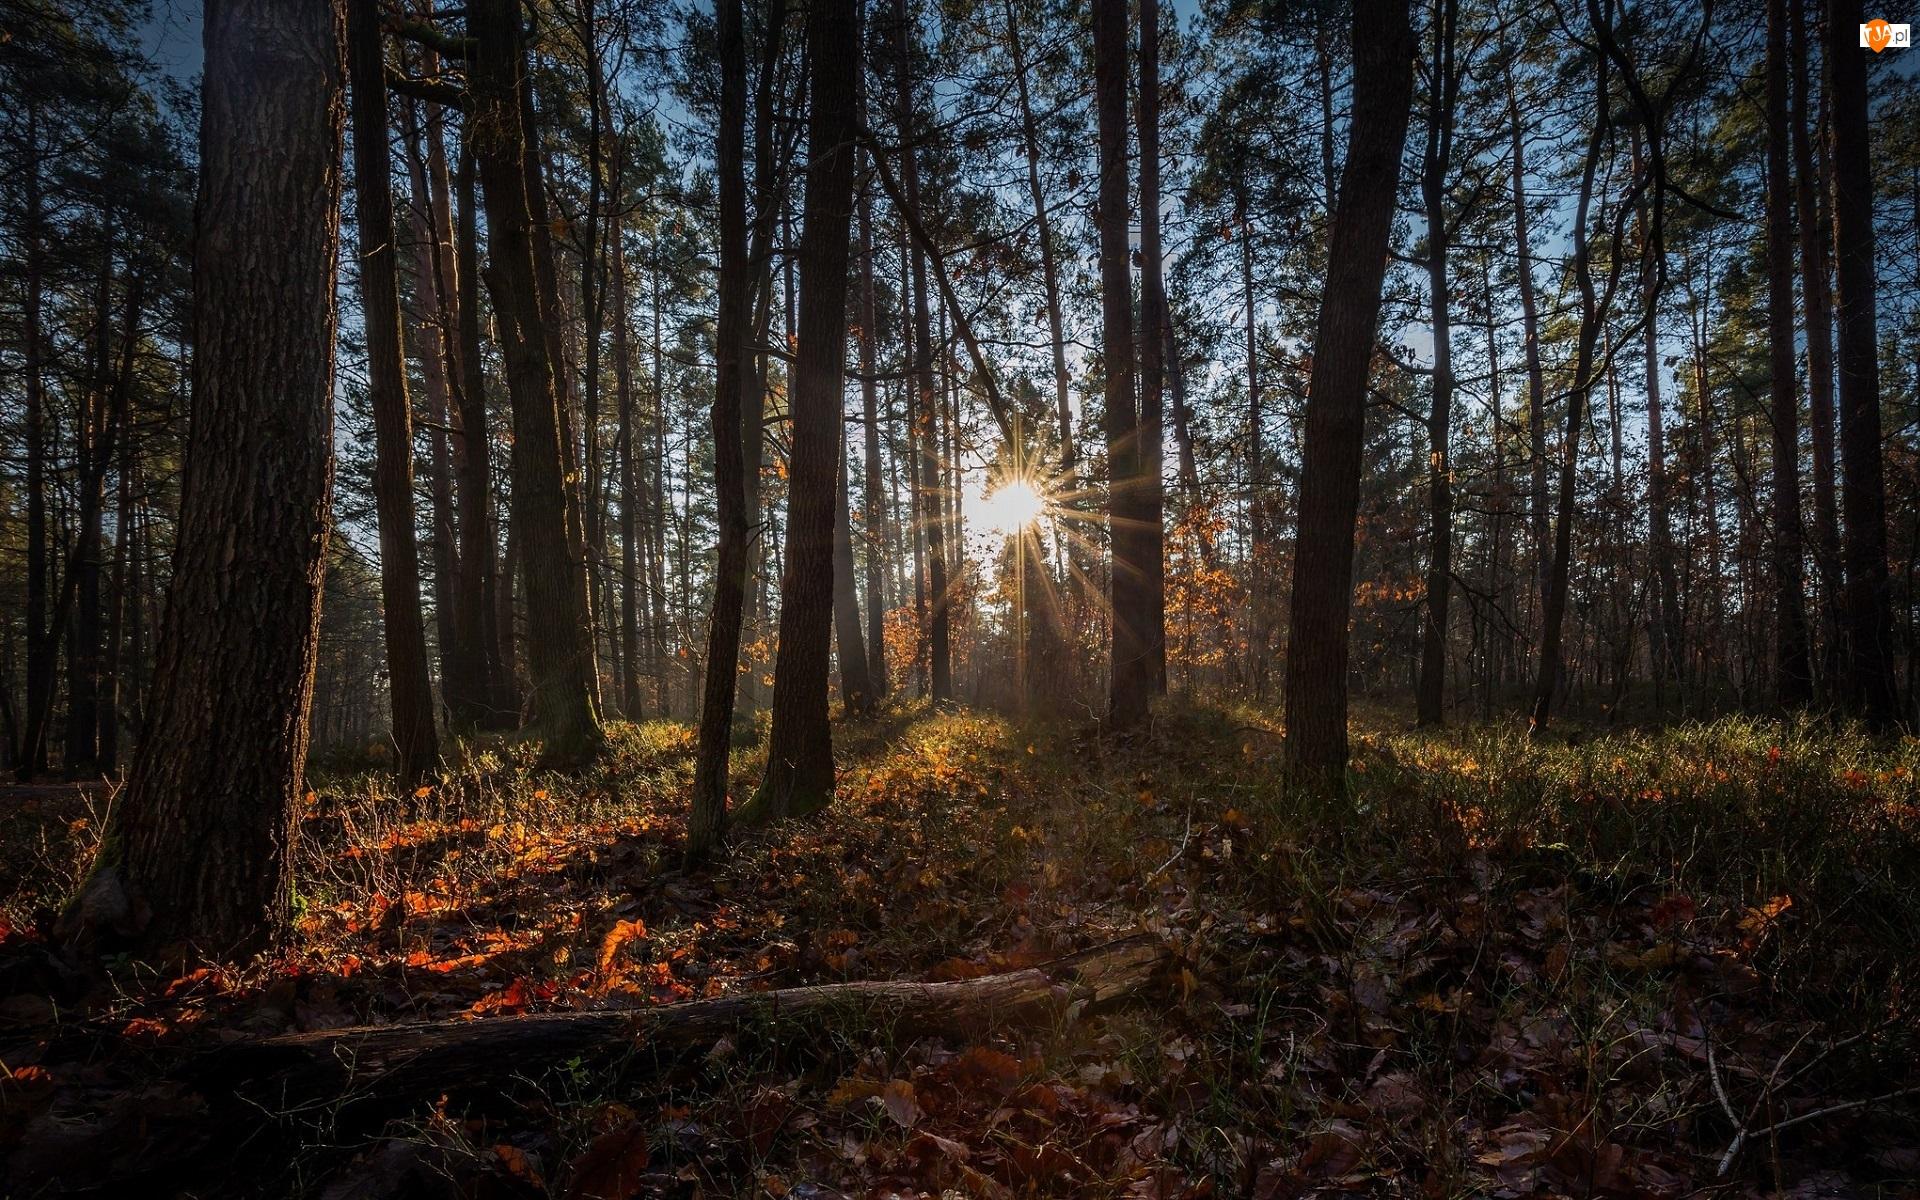 Promienie słońca, Drzewa, Las iglasty